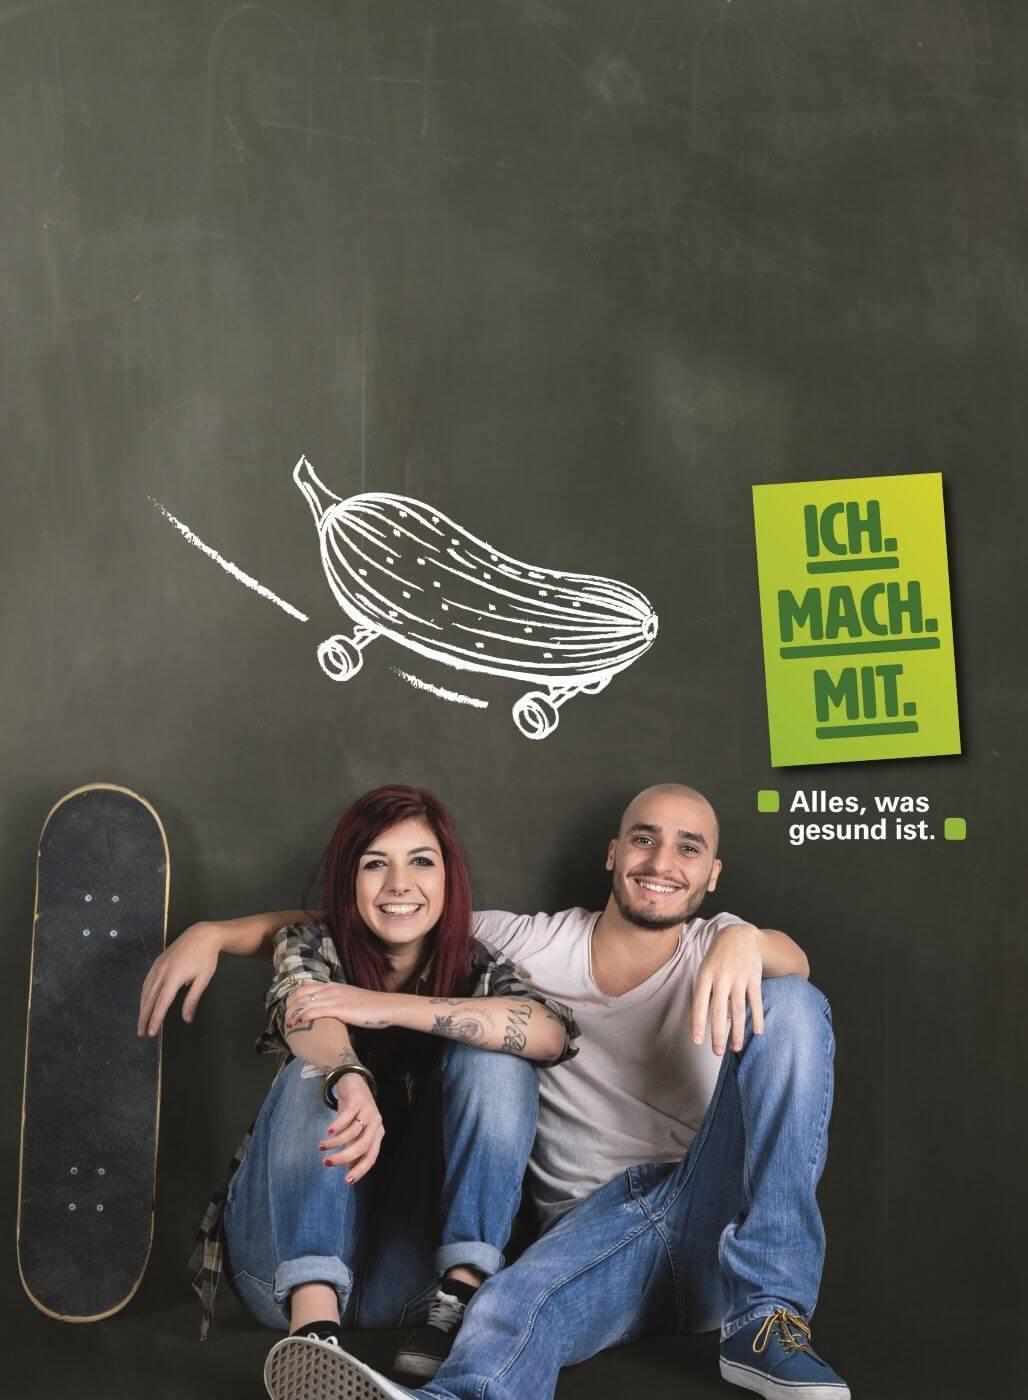 """Zwei Jugendliche mit Skateboards. Motiv der Kampagne """"Ich mach mit. Alles, was gesund ist"""""""